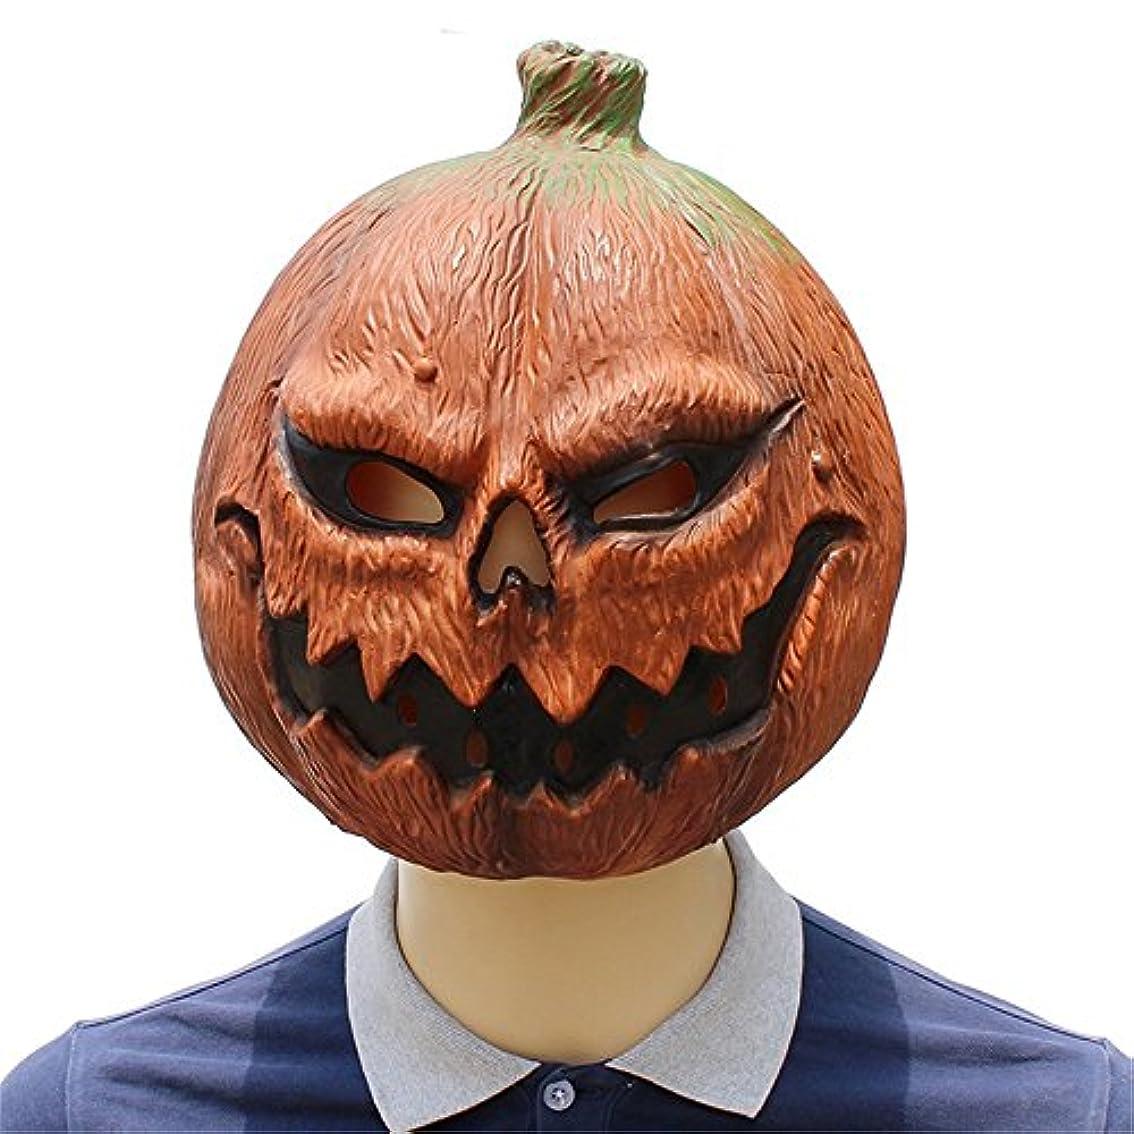 ペルメル過度に不適当ハロウィンパンプキンヘッドマスクホラー変な顔ラテックスダンスパーティードレス演劇装飾cos cosゴーストフェスティバル小道具